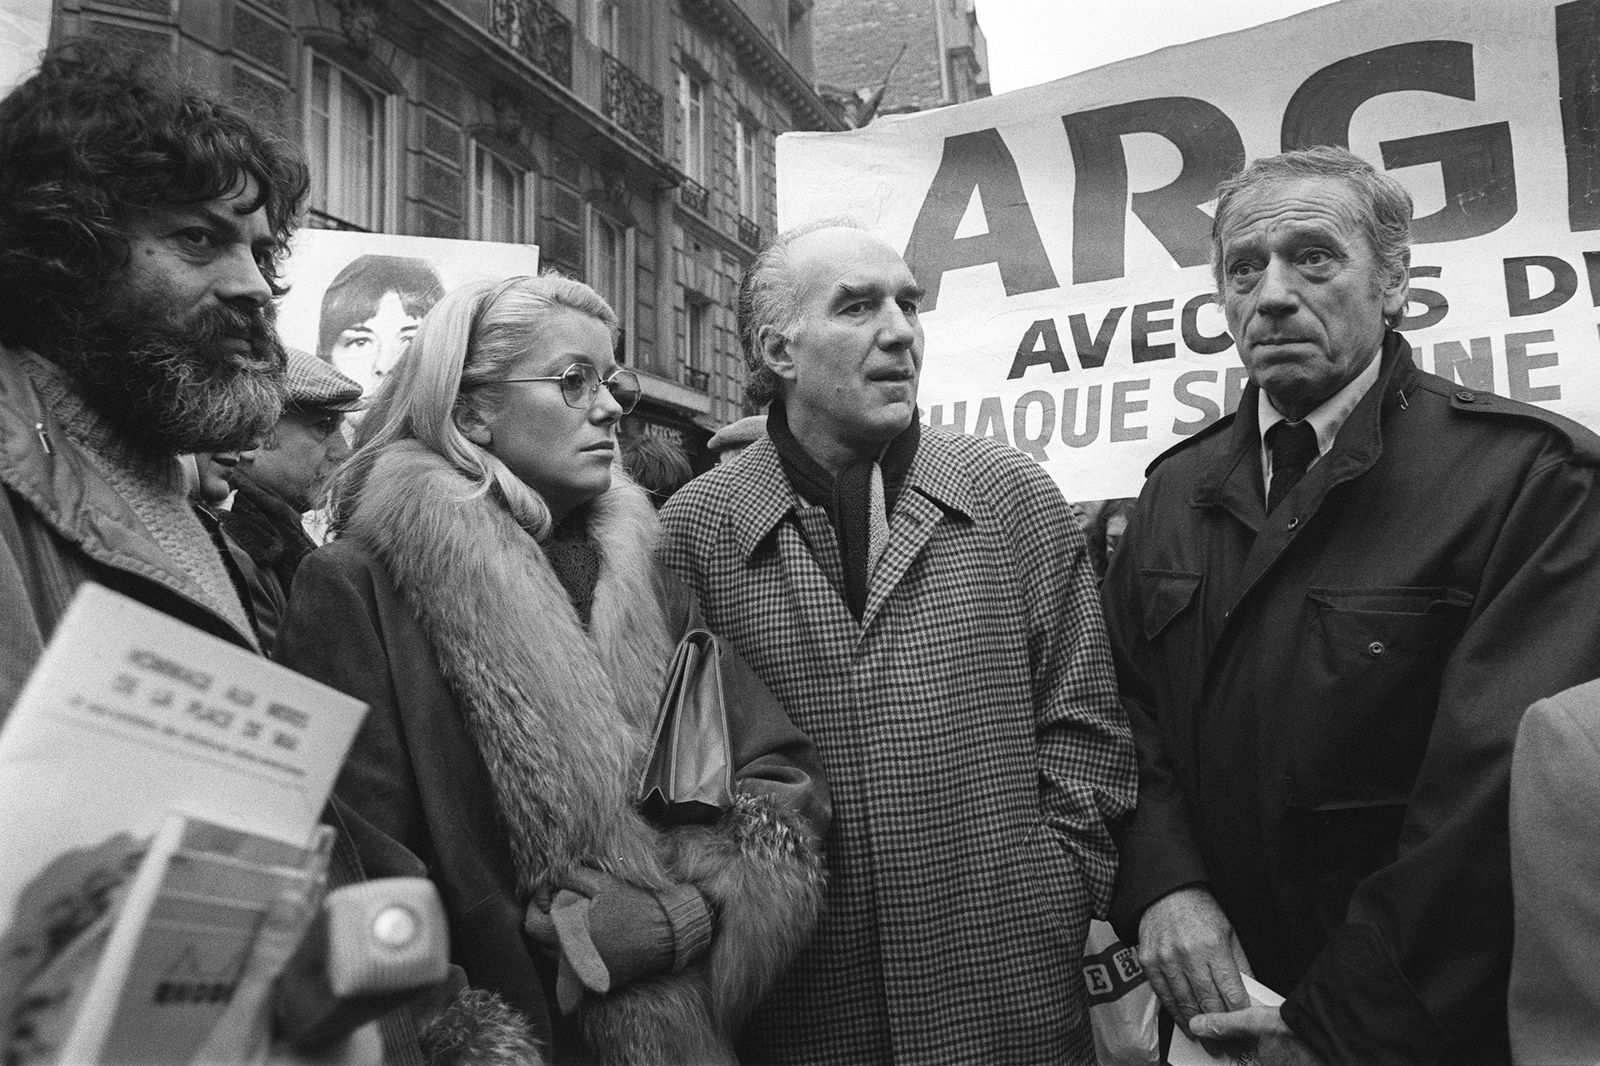 FRANCE-ARGENTINA-PROTEST